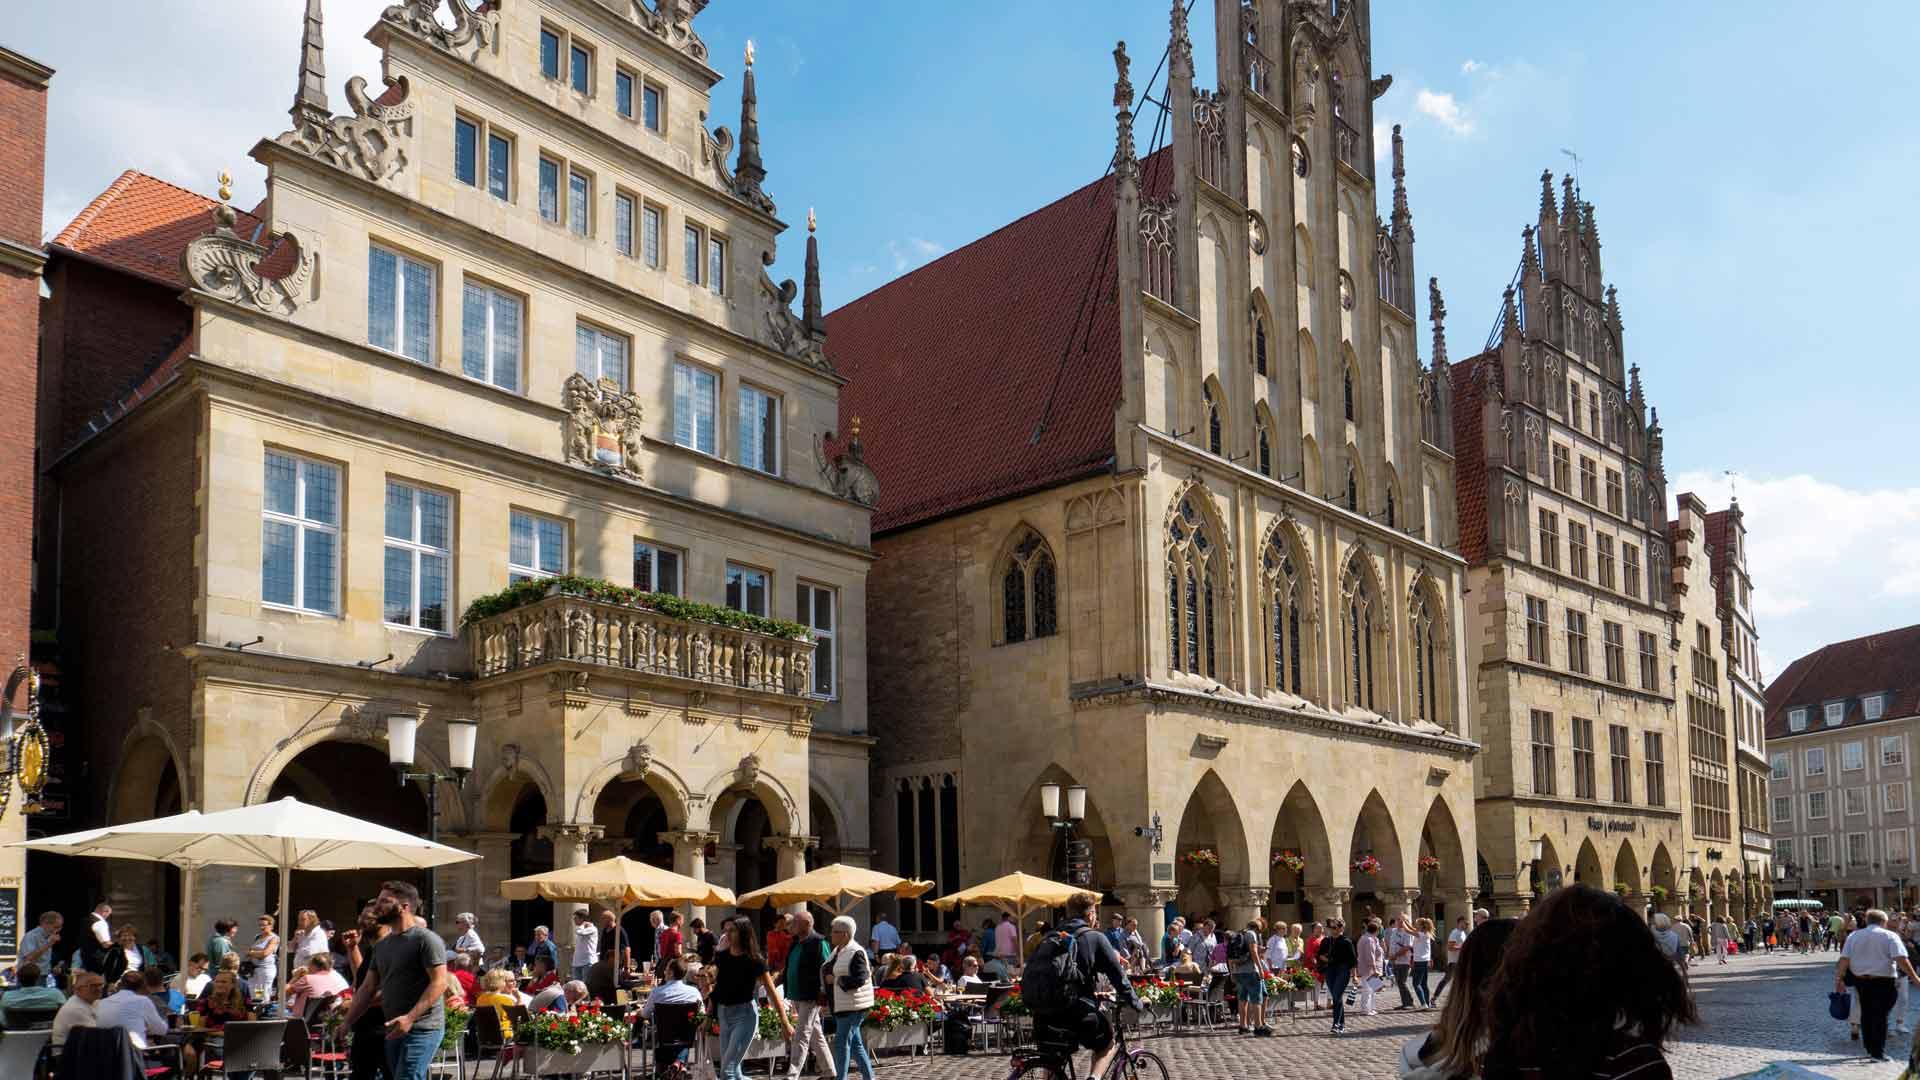 In het stadhuis van Münster werd in 1648 de Vrede van Münster getekend. © Kootstra